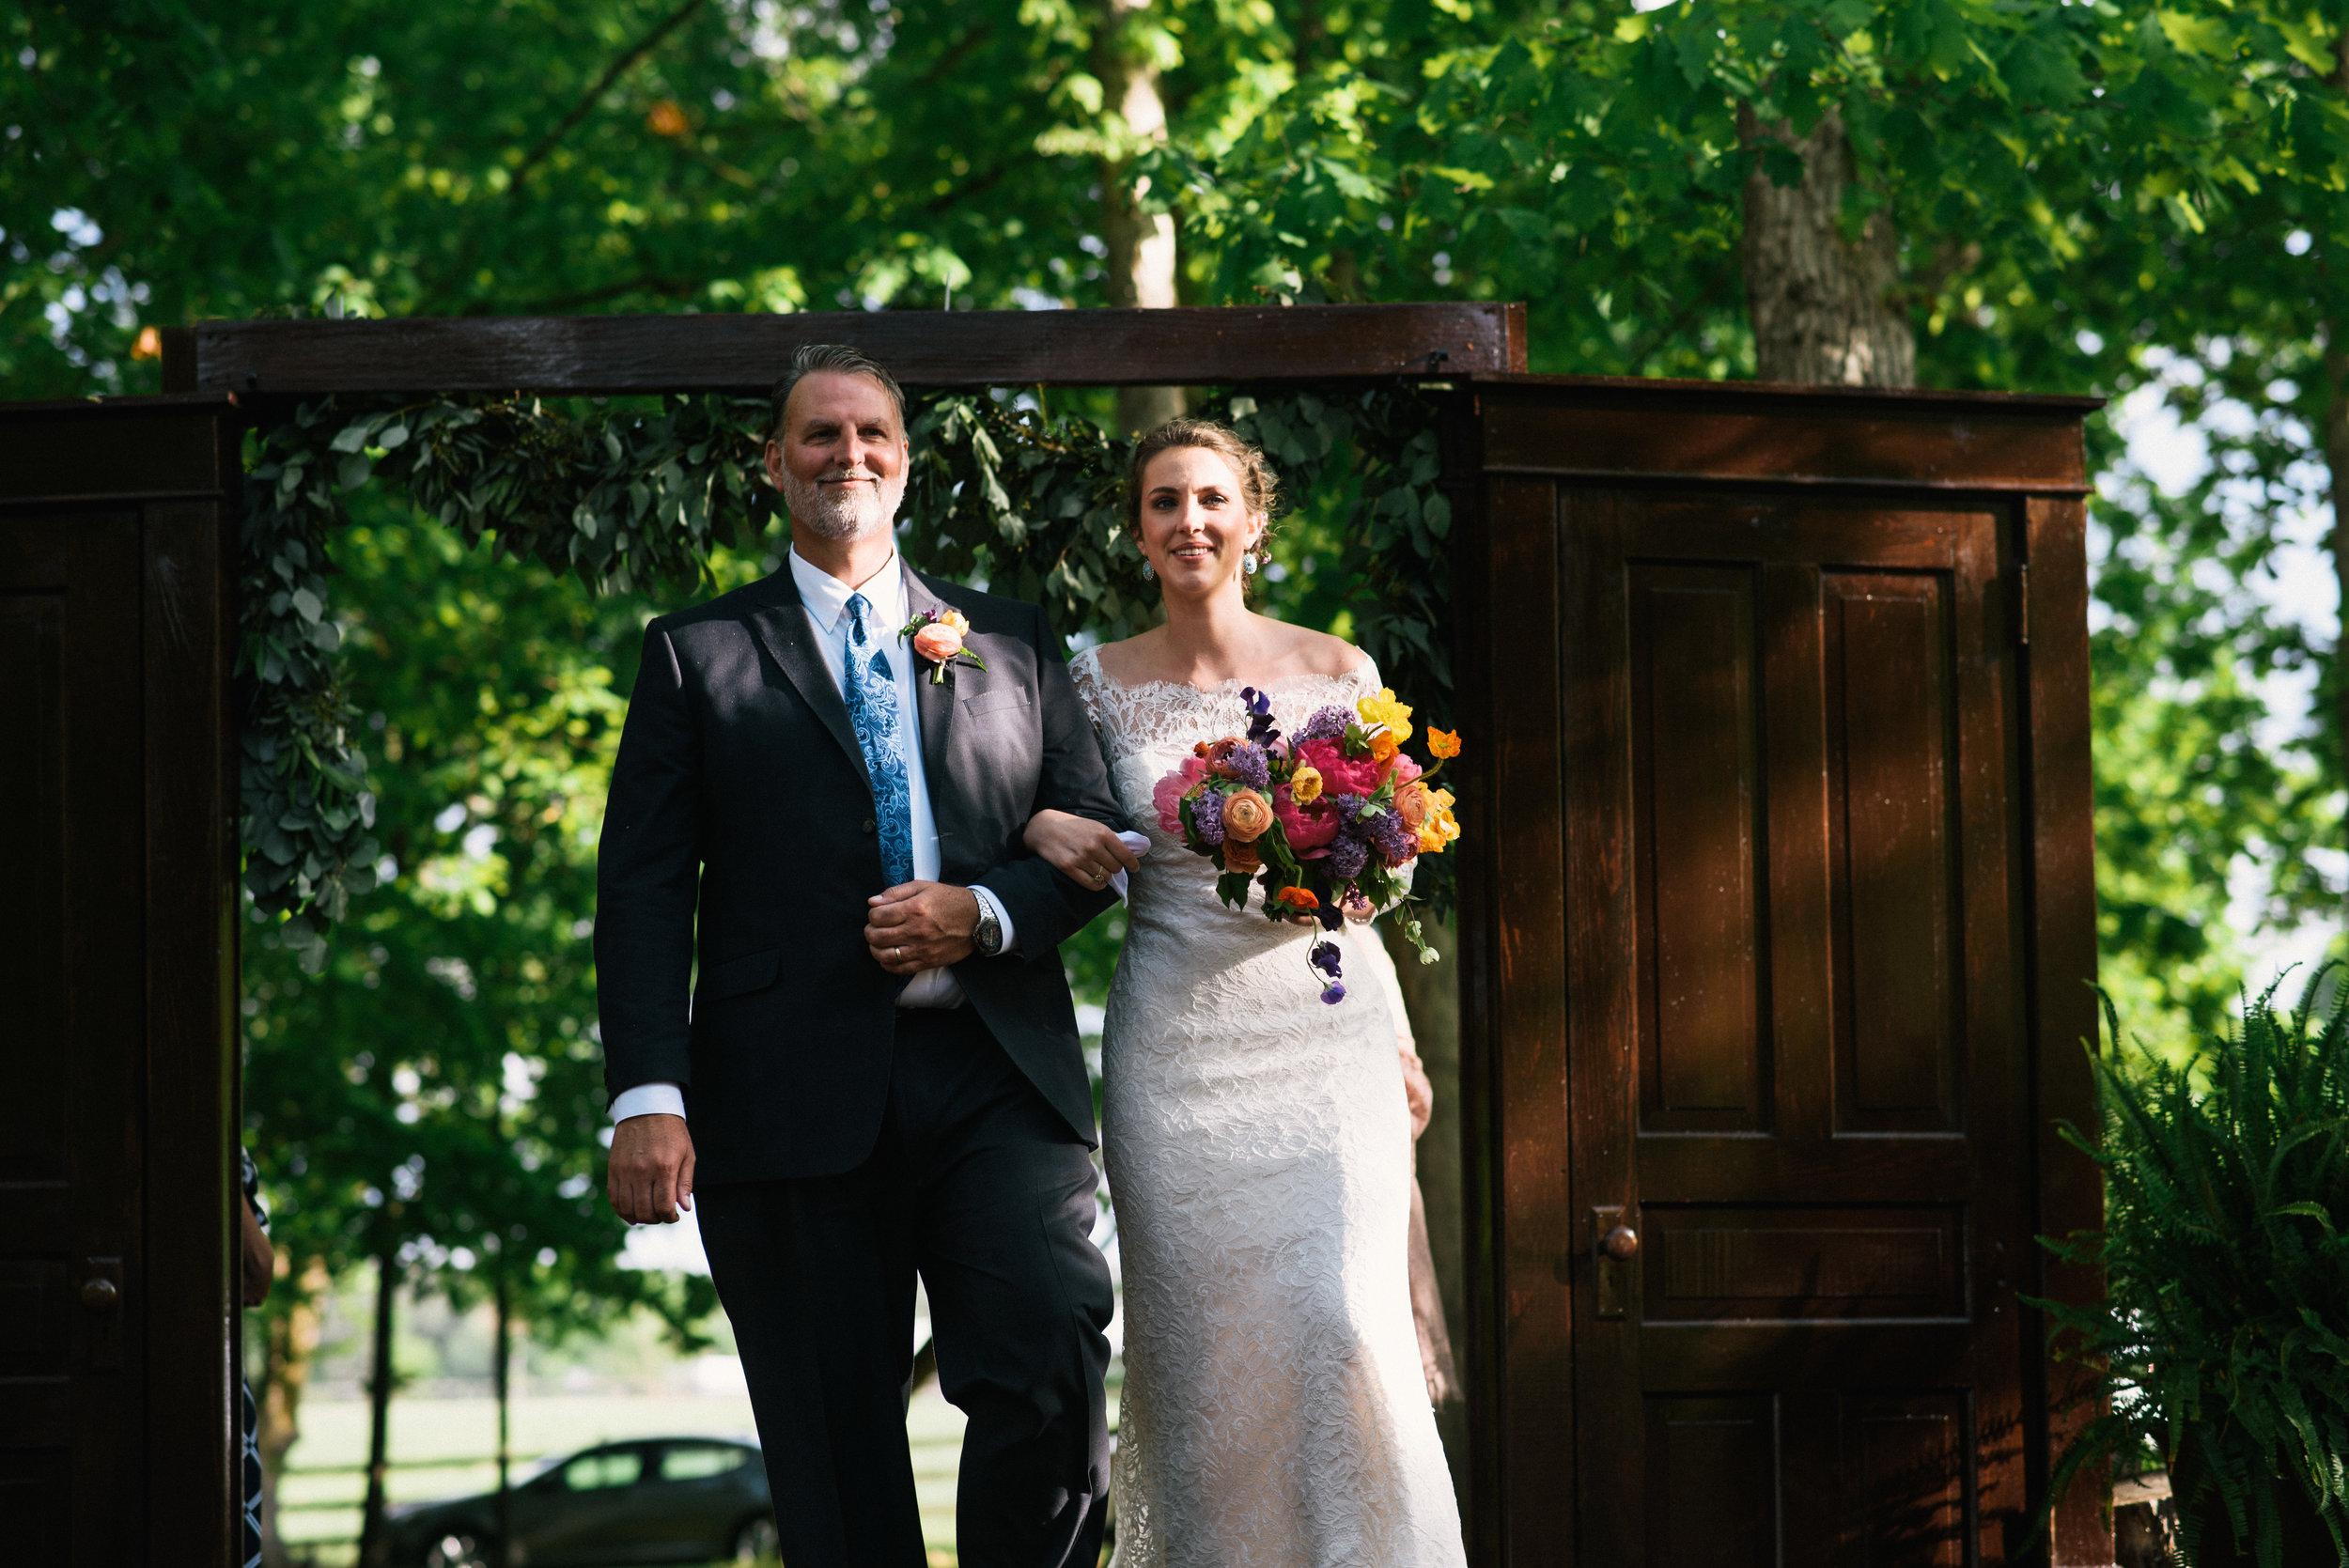 raleigh-elopement-photographer-raleigh-durham-wedding-maddie-and-devin- (95 of 162).jpg